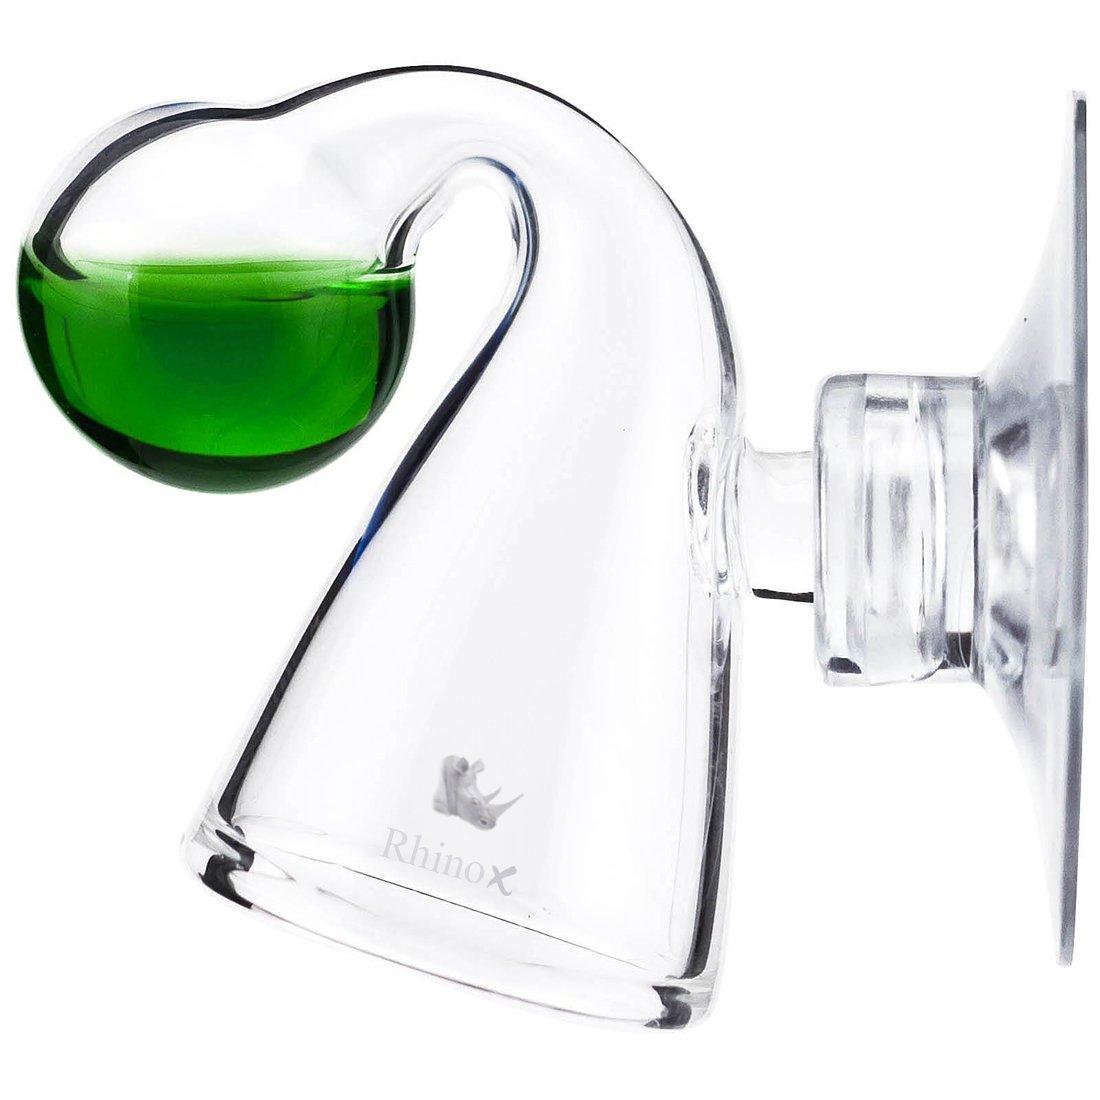 MARIMO PET STORE Rhinox Drop Checker/ /Indicador de Cristal de CO2/para Acuario Difusor de Ada Bettle Tanque de Peces Plantas